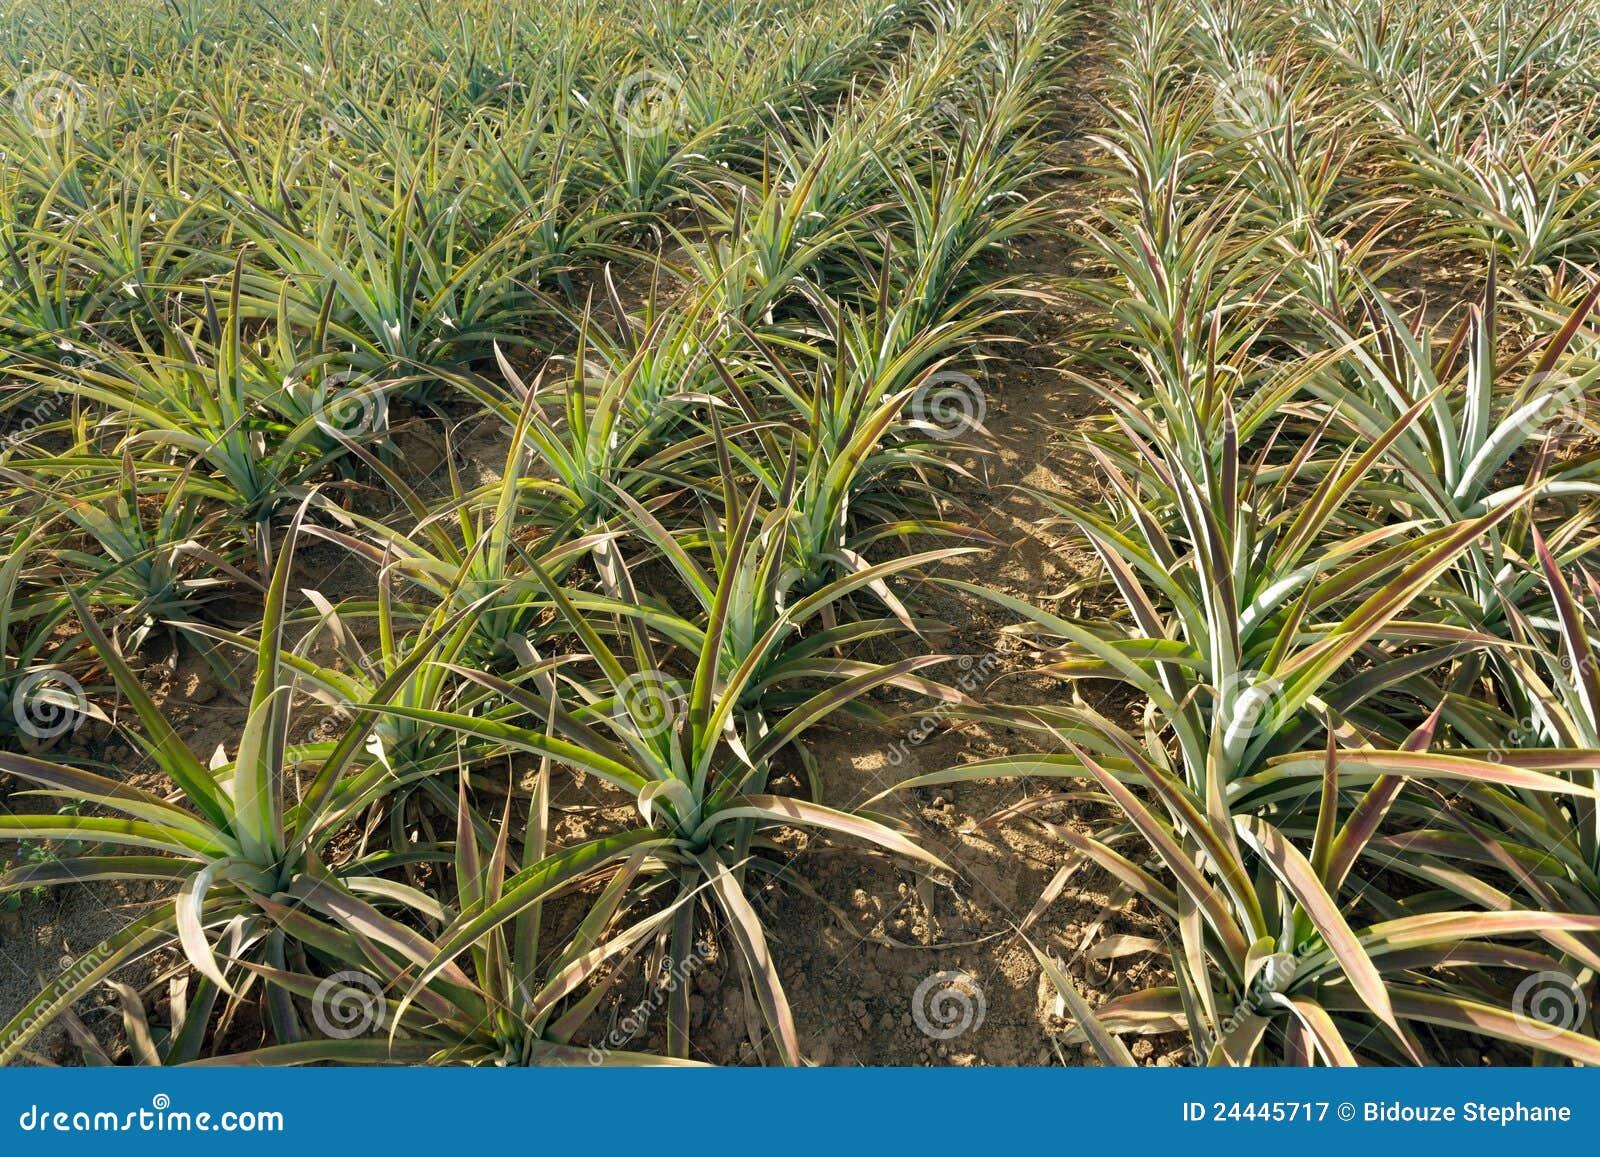 Agricoltura dell 39 ananas immagine stock immagine di for Albero di ananas